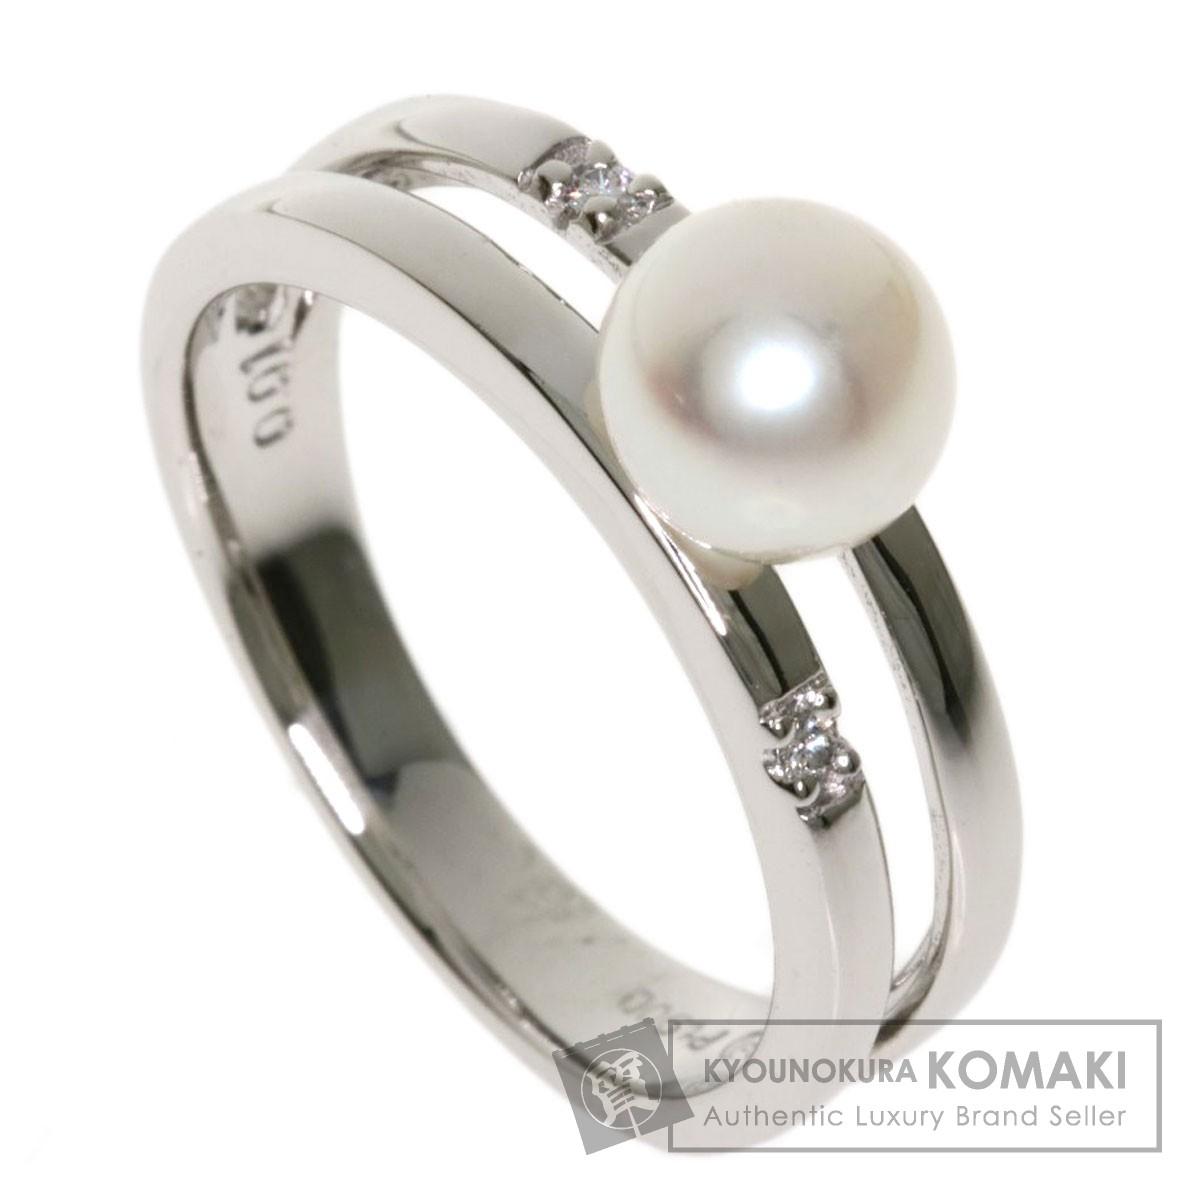 タサキ アコヤパール 真珠 ダイヤモンド リング・指輪 プラチナPT900 レディース 【中古】【TASAKI】